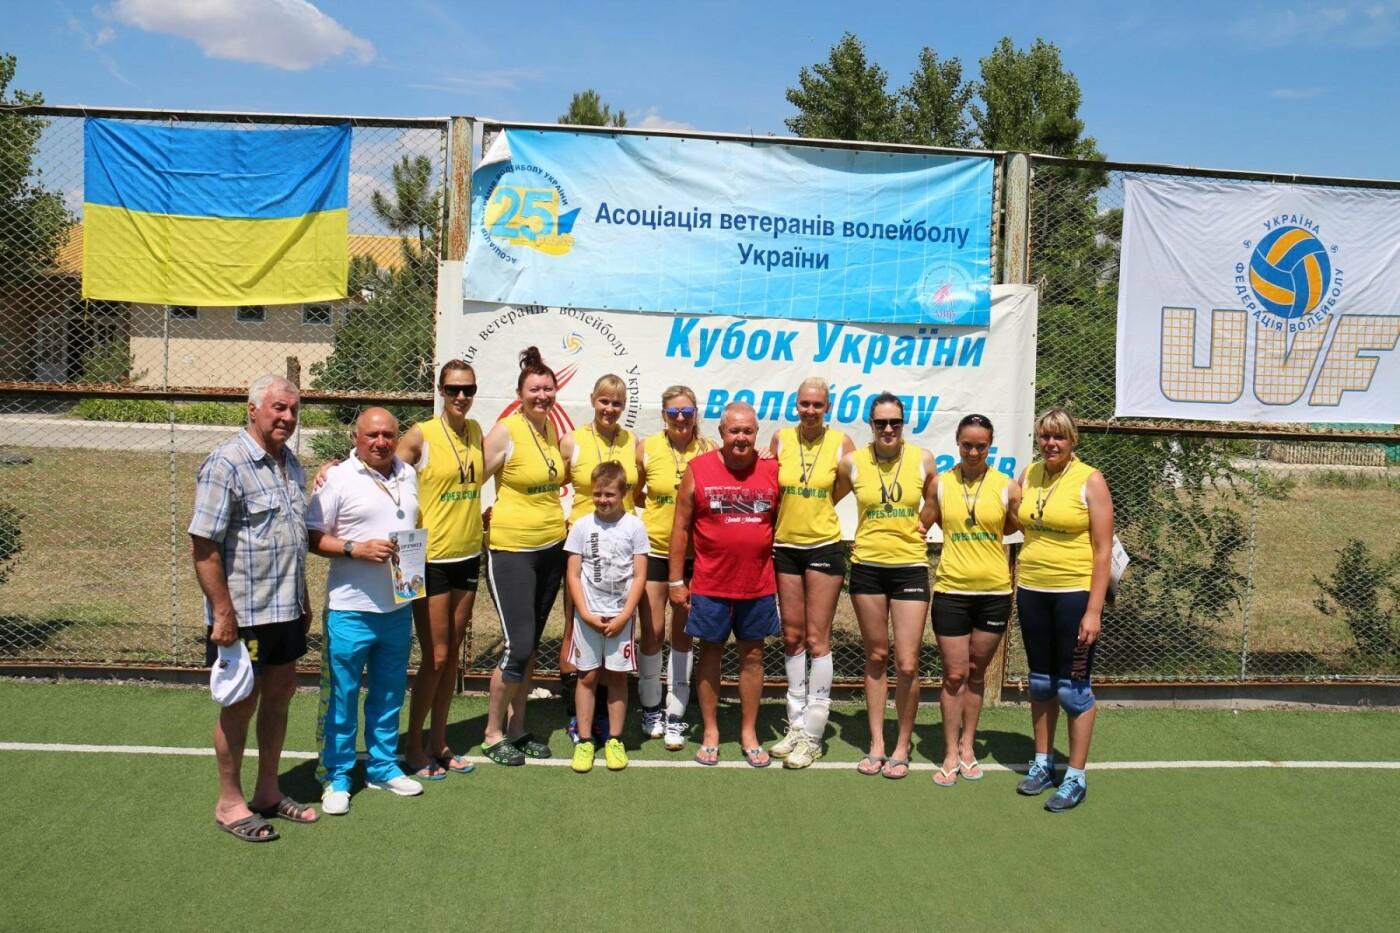 Ветераны волейбола из Каменского стали чемпионами Украины, фото-4